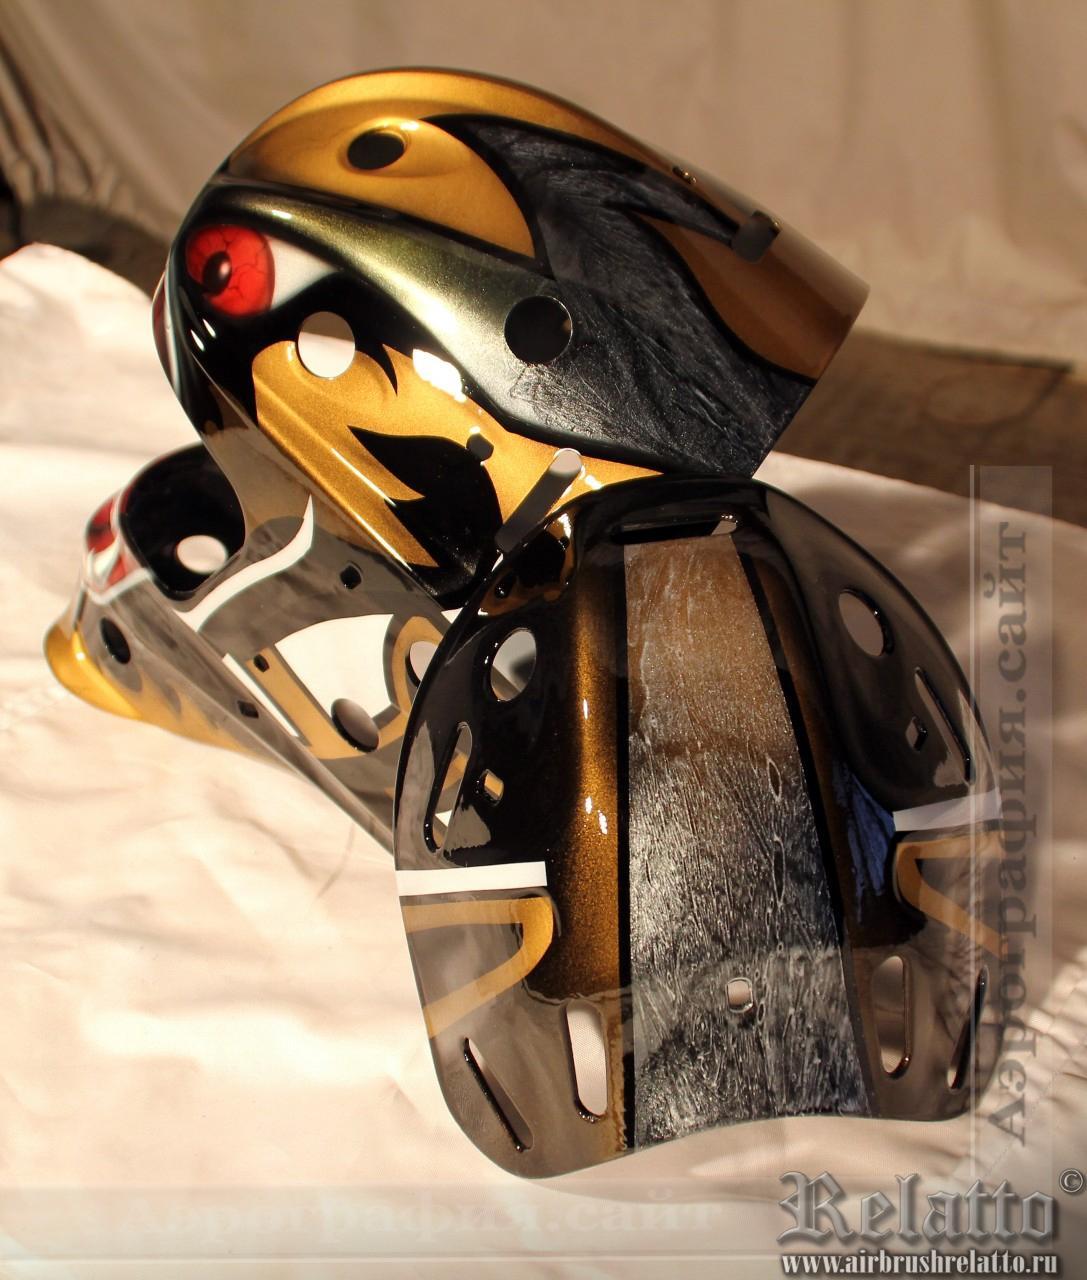 Отрисованный и залаченный шлем вратаря